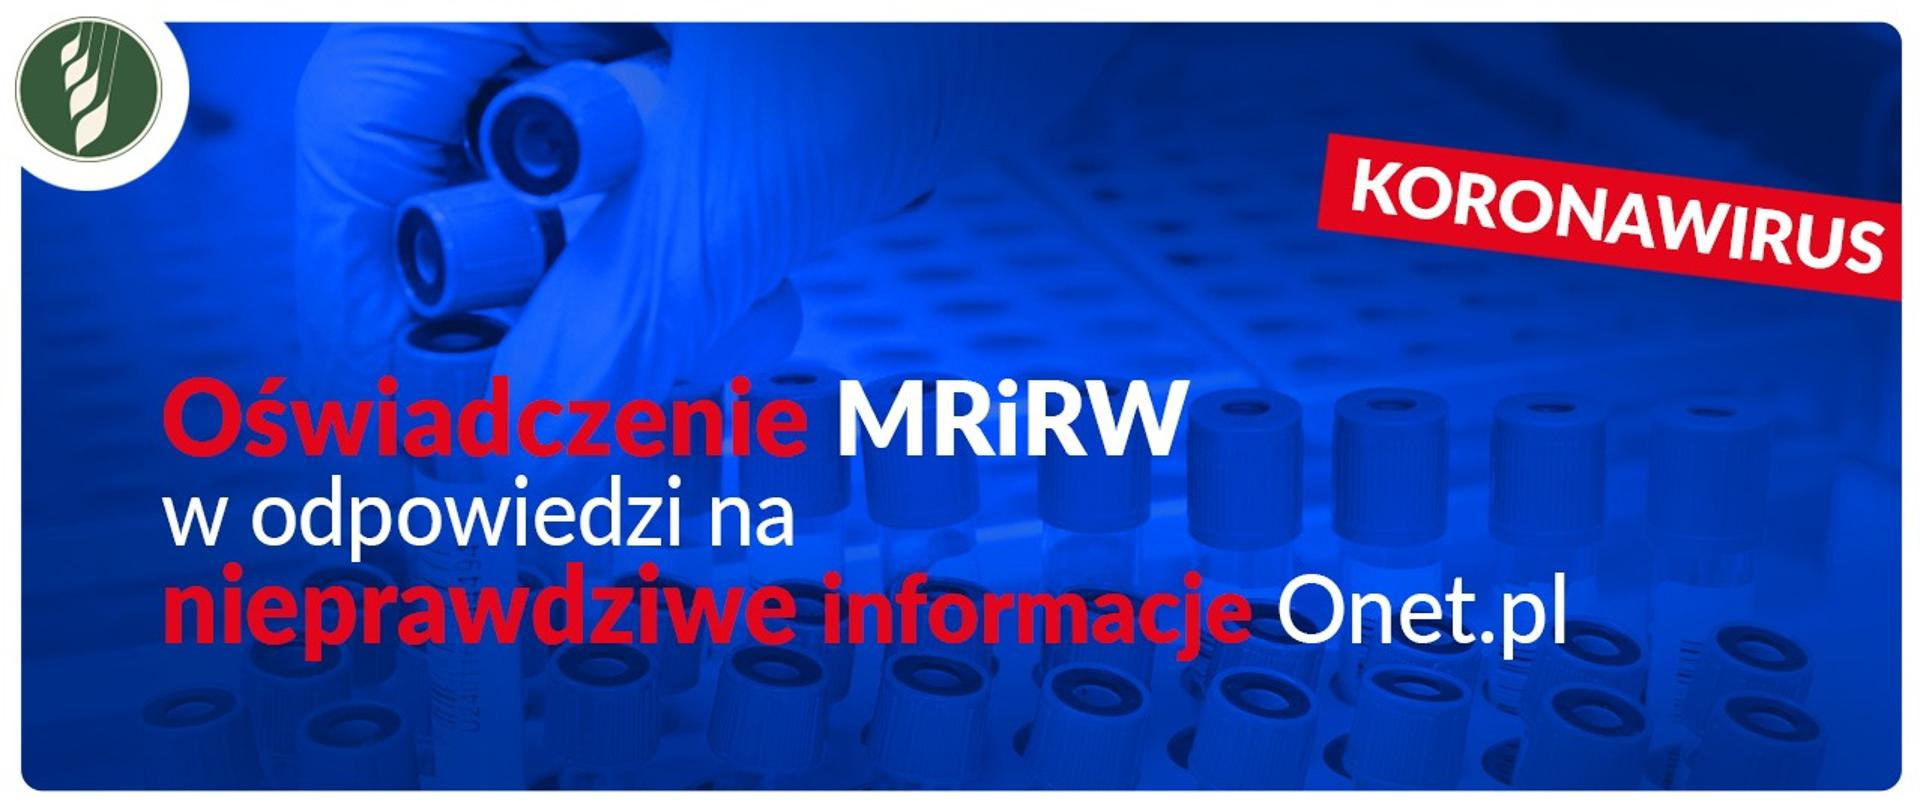 Sprostowanie MRiRW w odpowiedzi na nieprawdziwe informacje Onet.pl